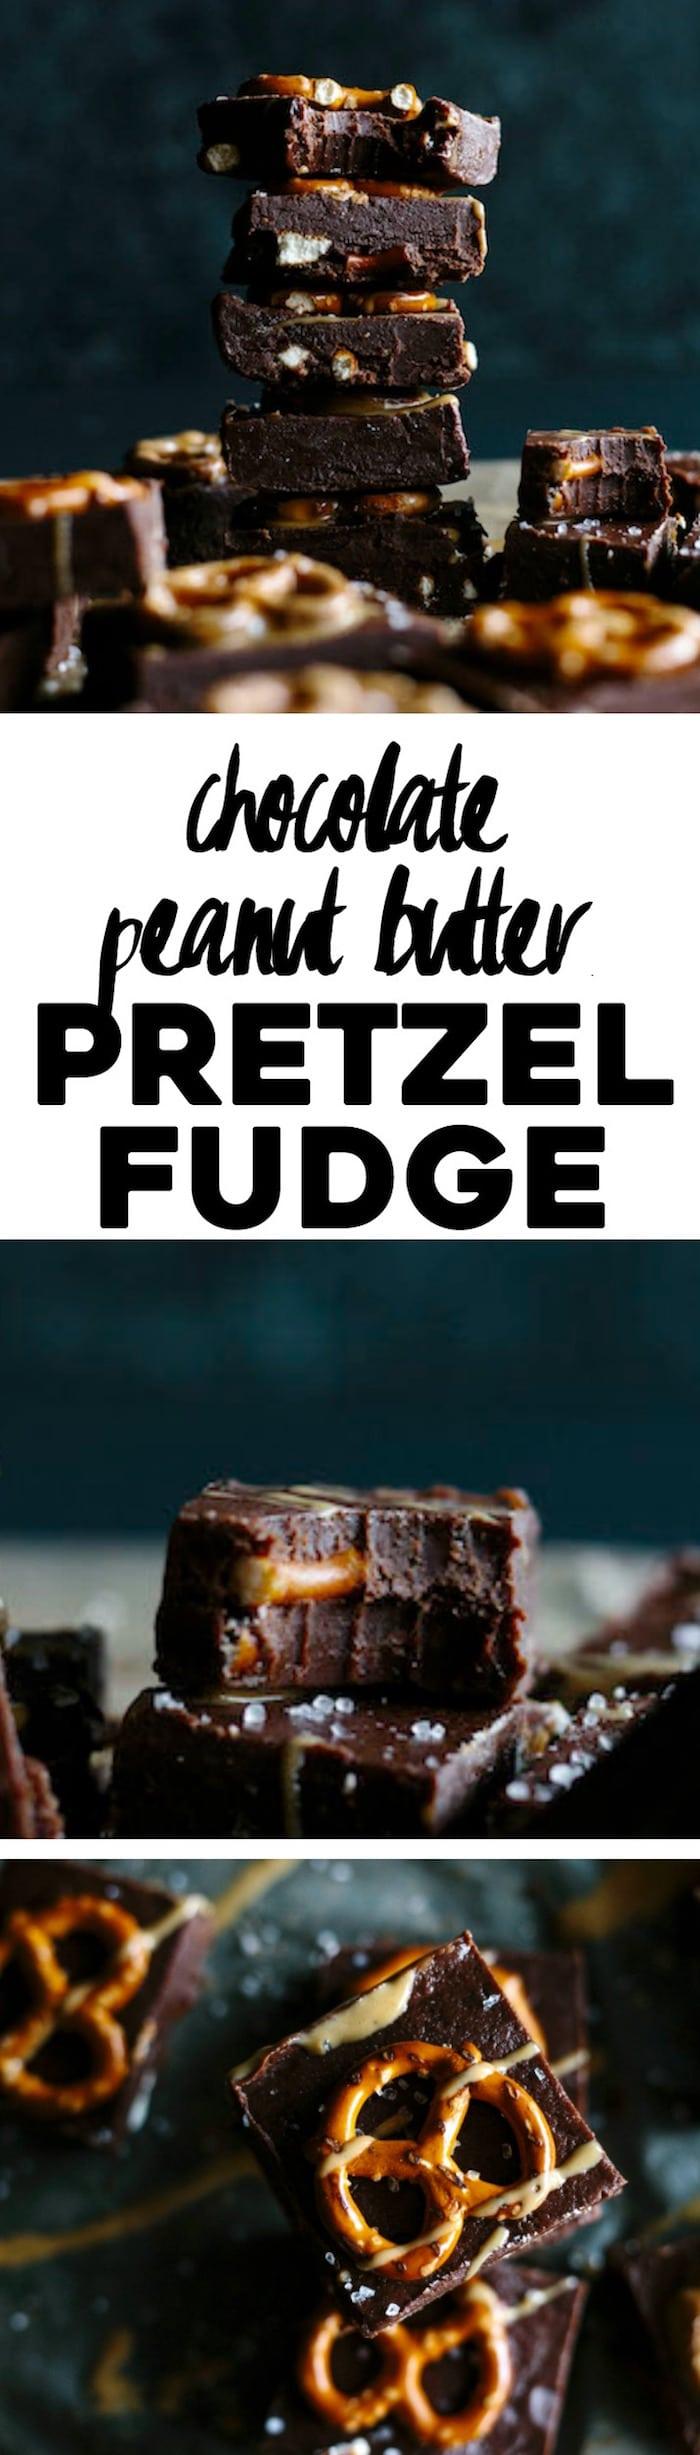 Chocolate Peanut Butter Pretzel Fudge | A simple fudge recipe that combines the 3 best flavors: chocolate, peanut butter and pretzels! | thealmondeater.com